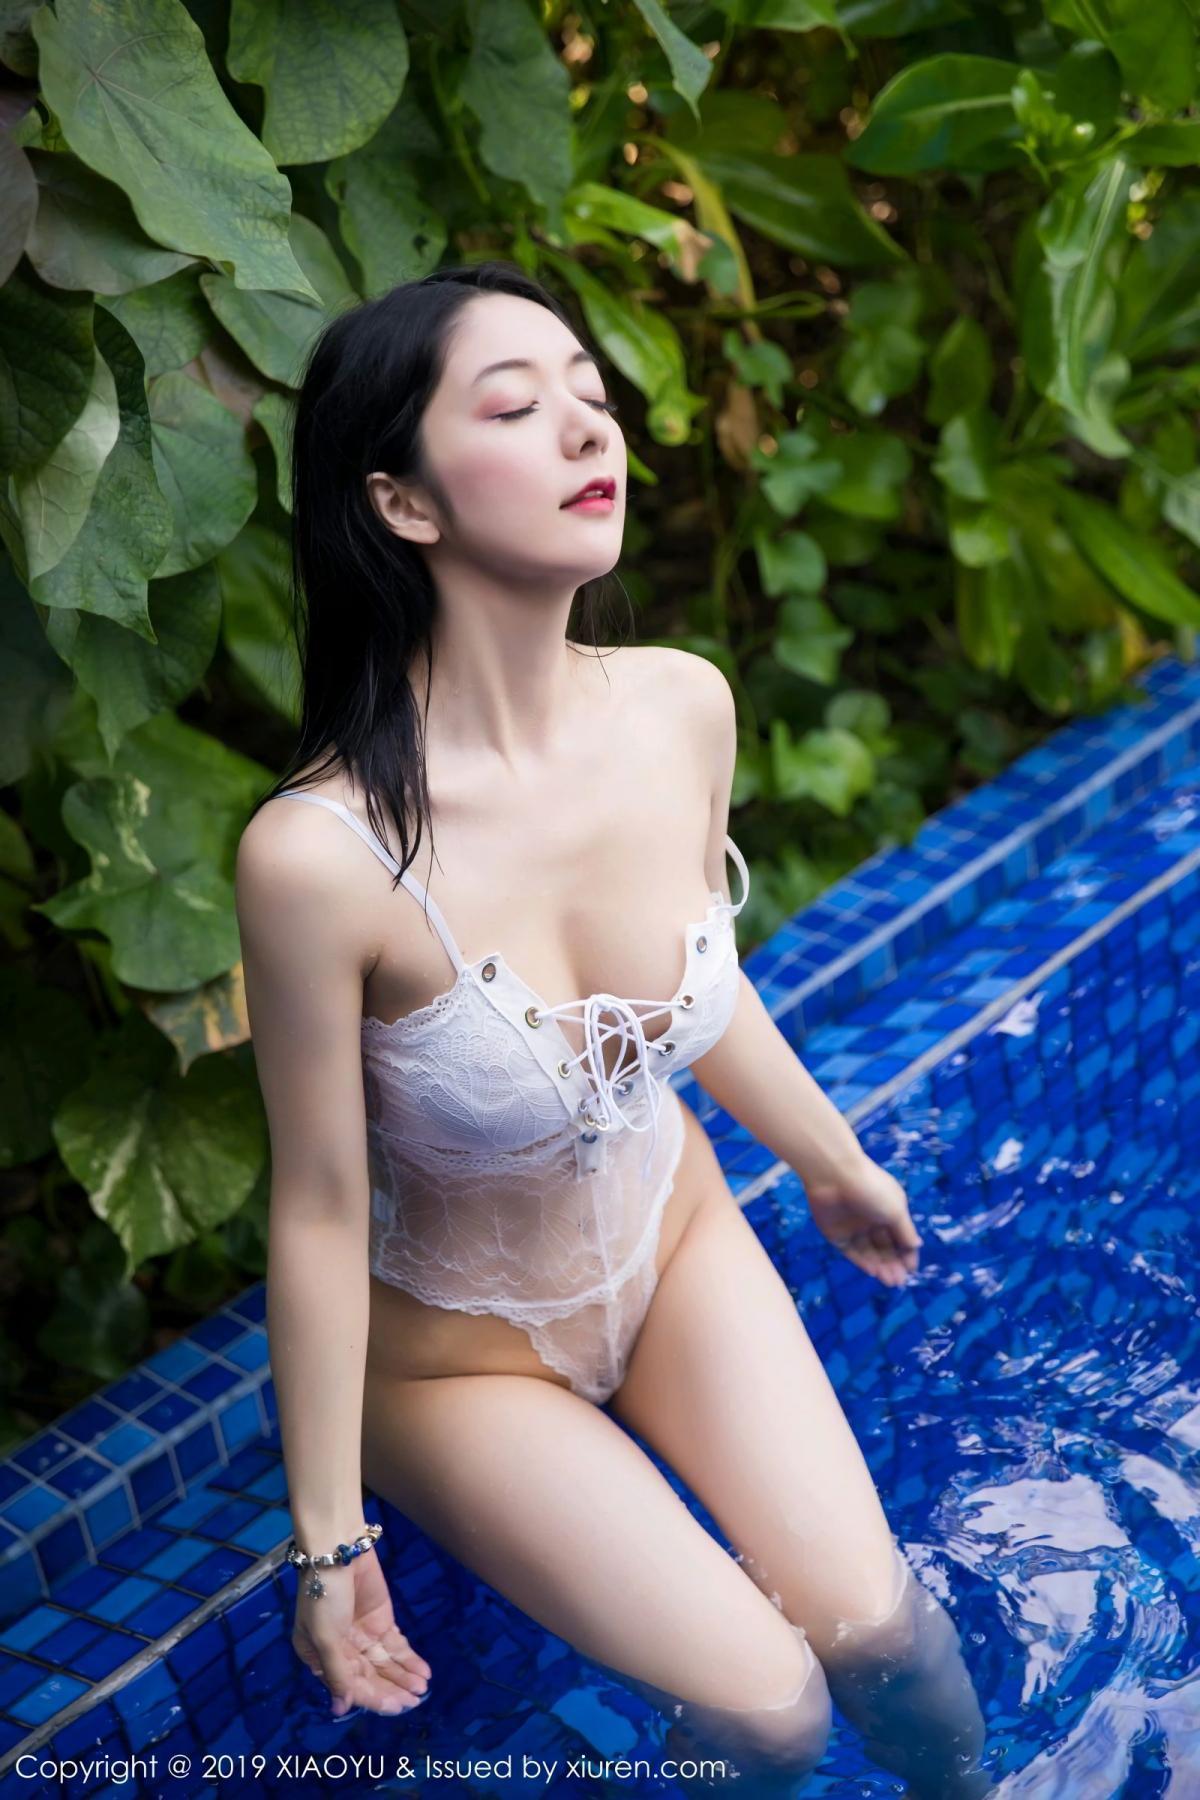 [XiaoYu] Vol.106 Di Yi 4P, Bikini, Di Yi, Swim Pool, Wet, XiaoYu